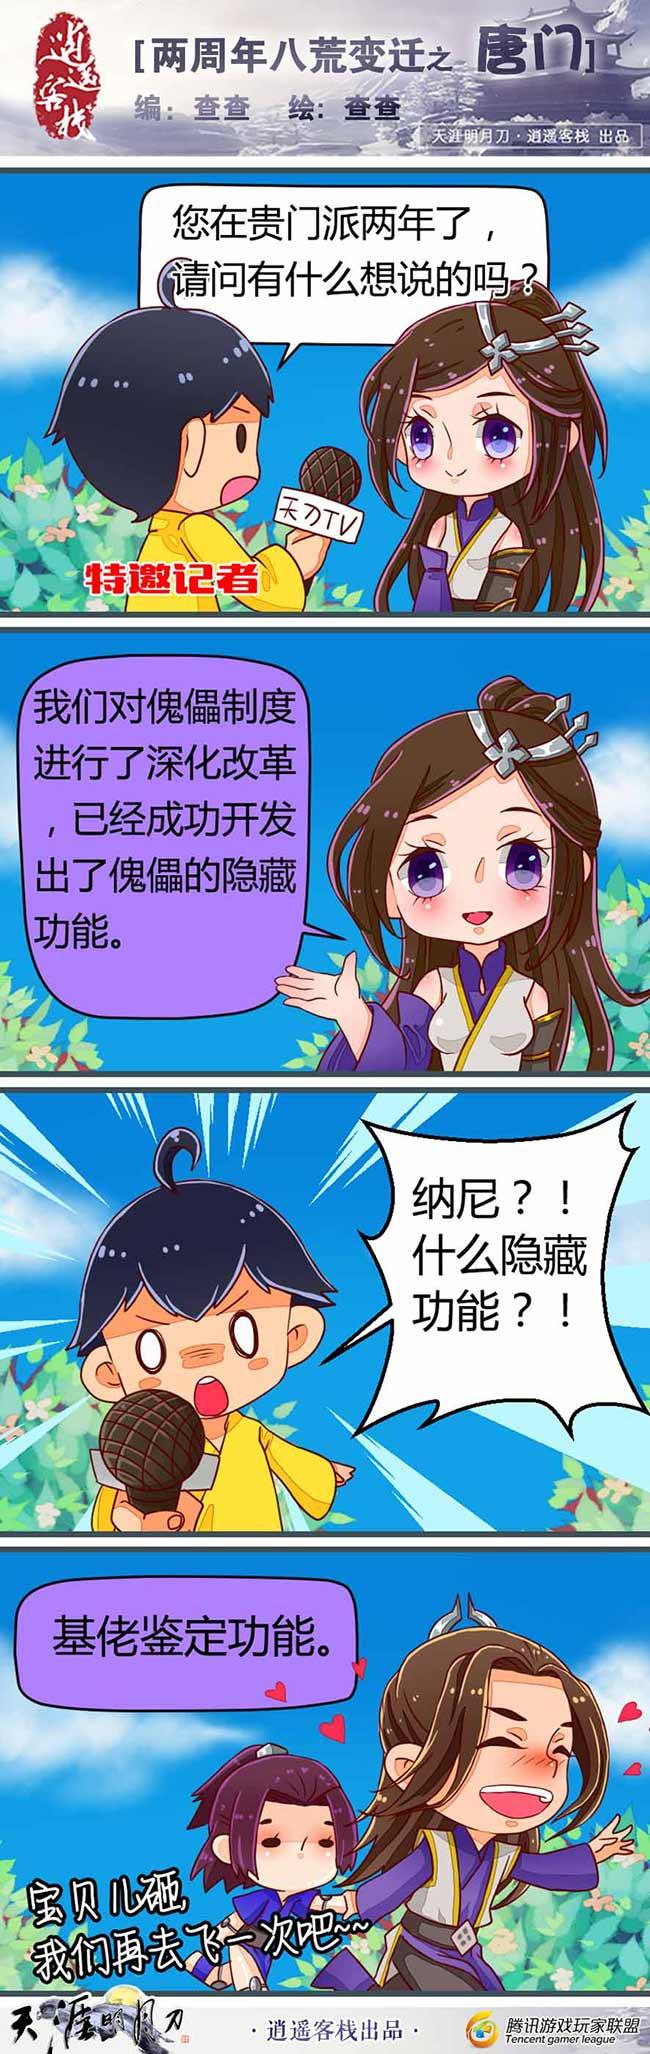 两周年八荒变迁之唐门 天刀四格漫画_逍遥客栈-天涯